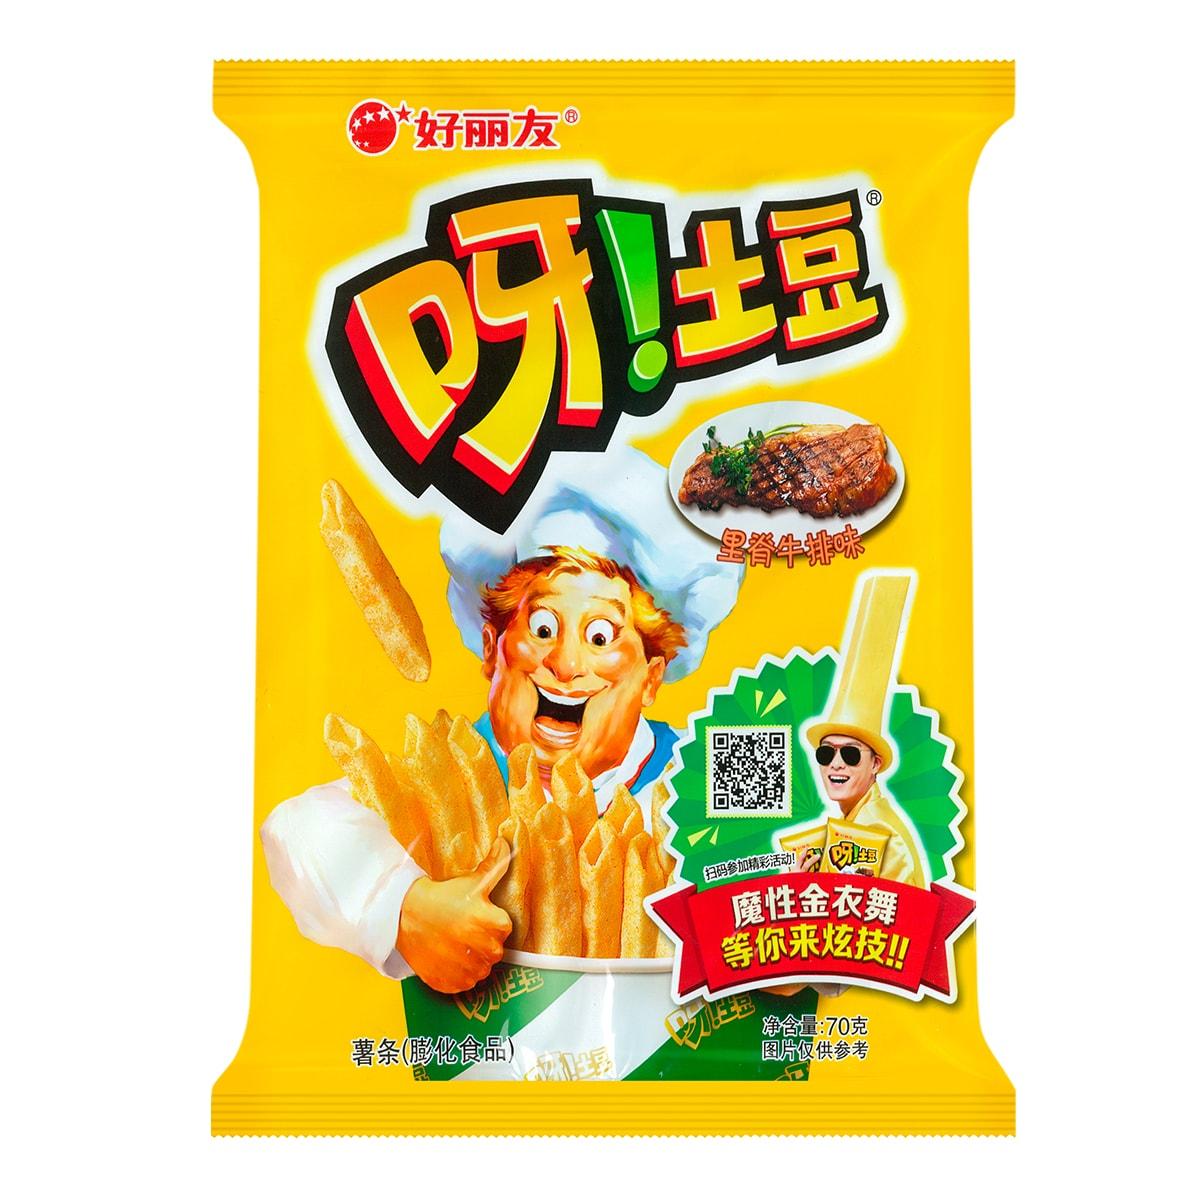 韩国ORION好丽友 呀!土豆薯条 里脊牛排味 70g